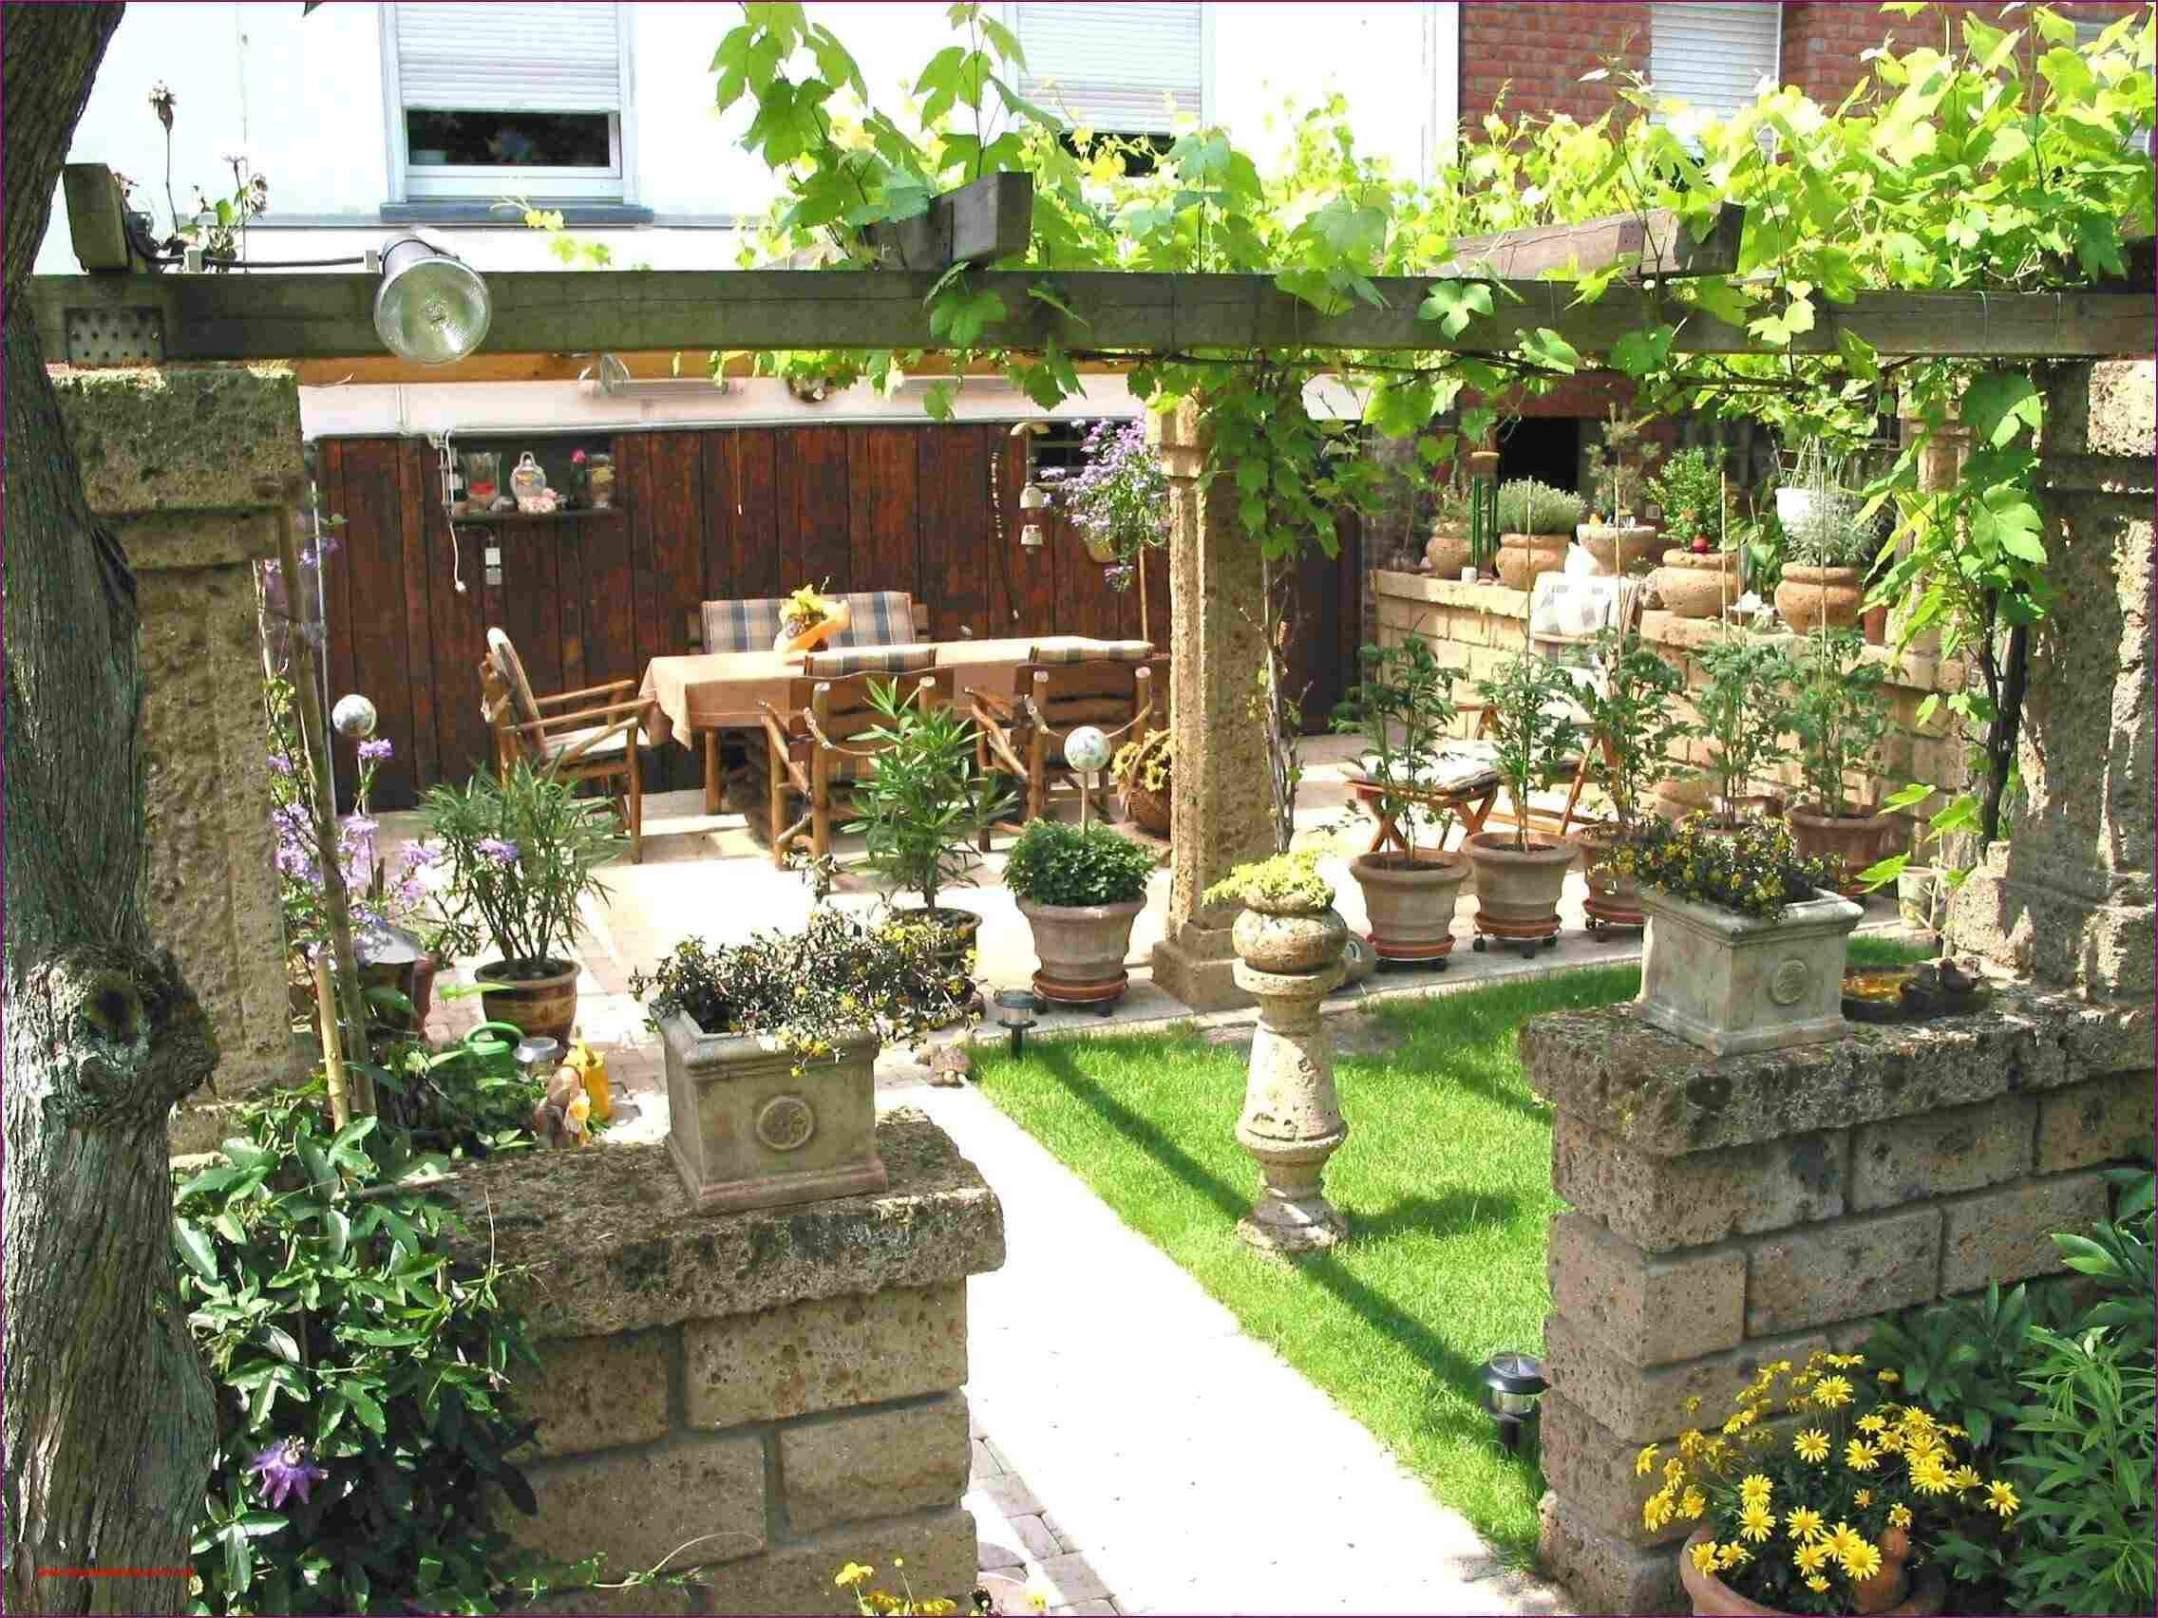 42 luxus hohe pflanzen als sichtschutz grafik pflanzen fur sichtschutz pflanzen fur sichtschutz